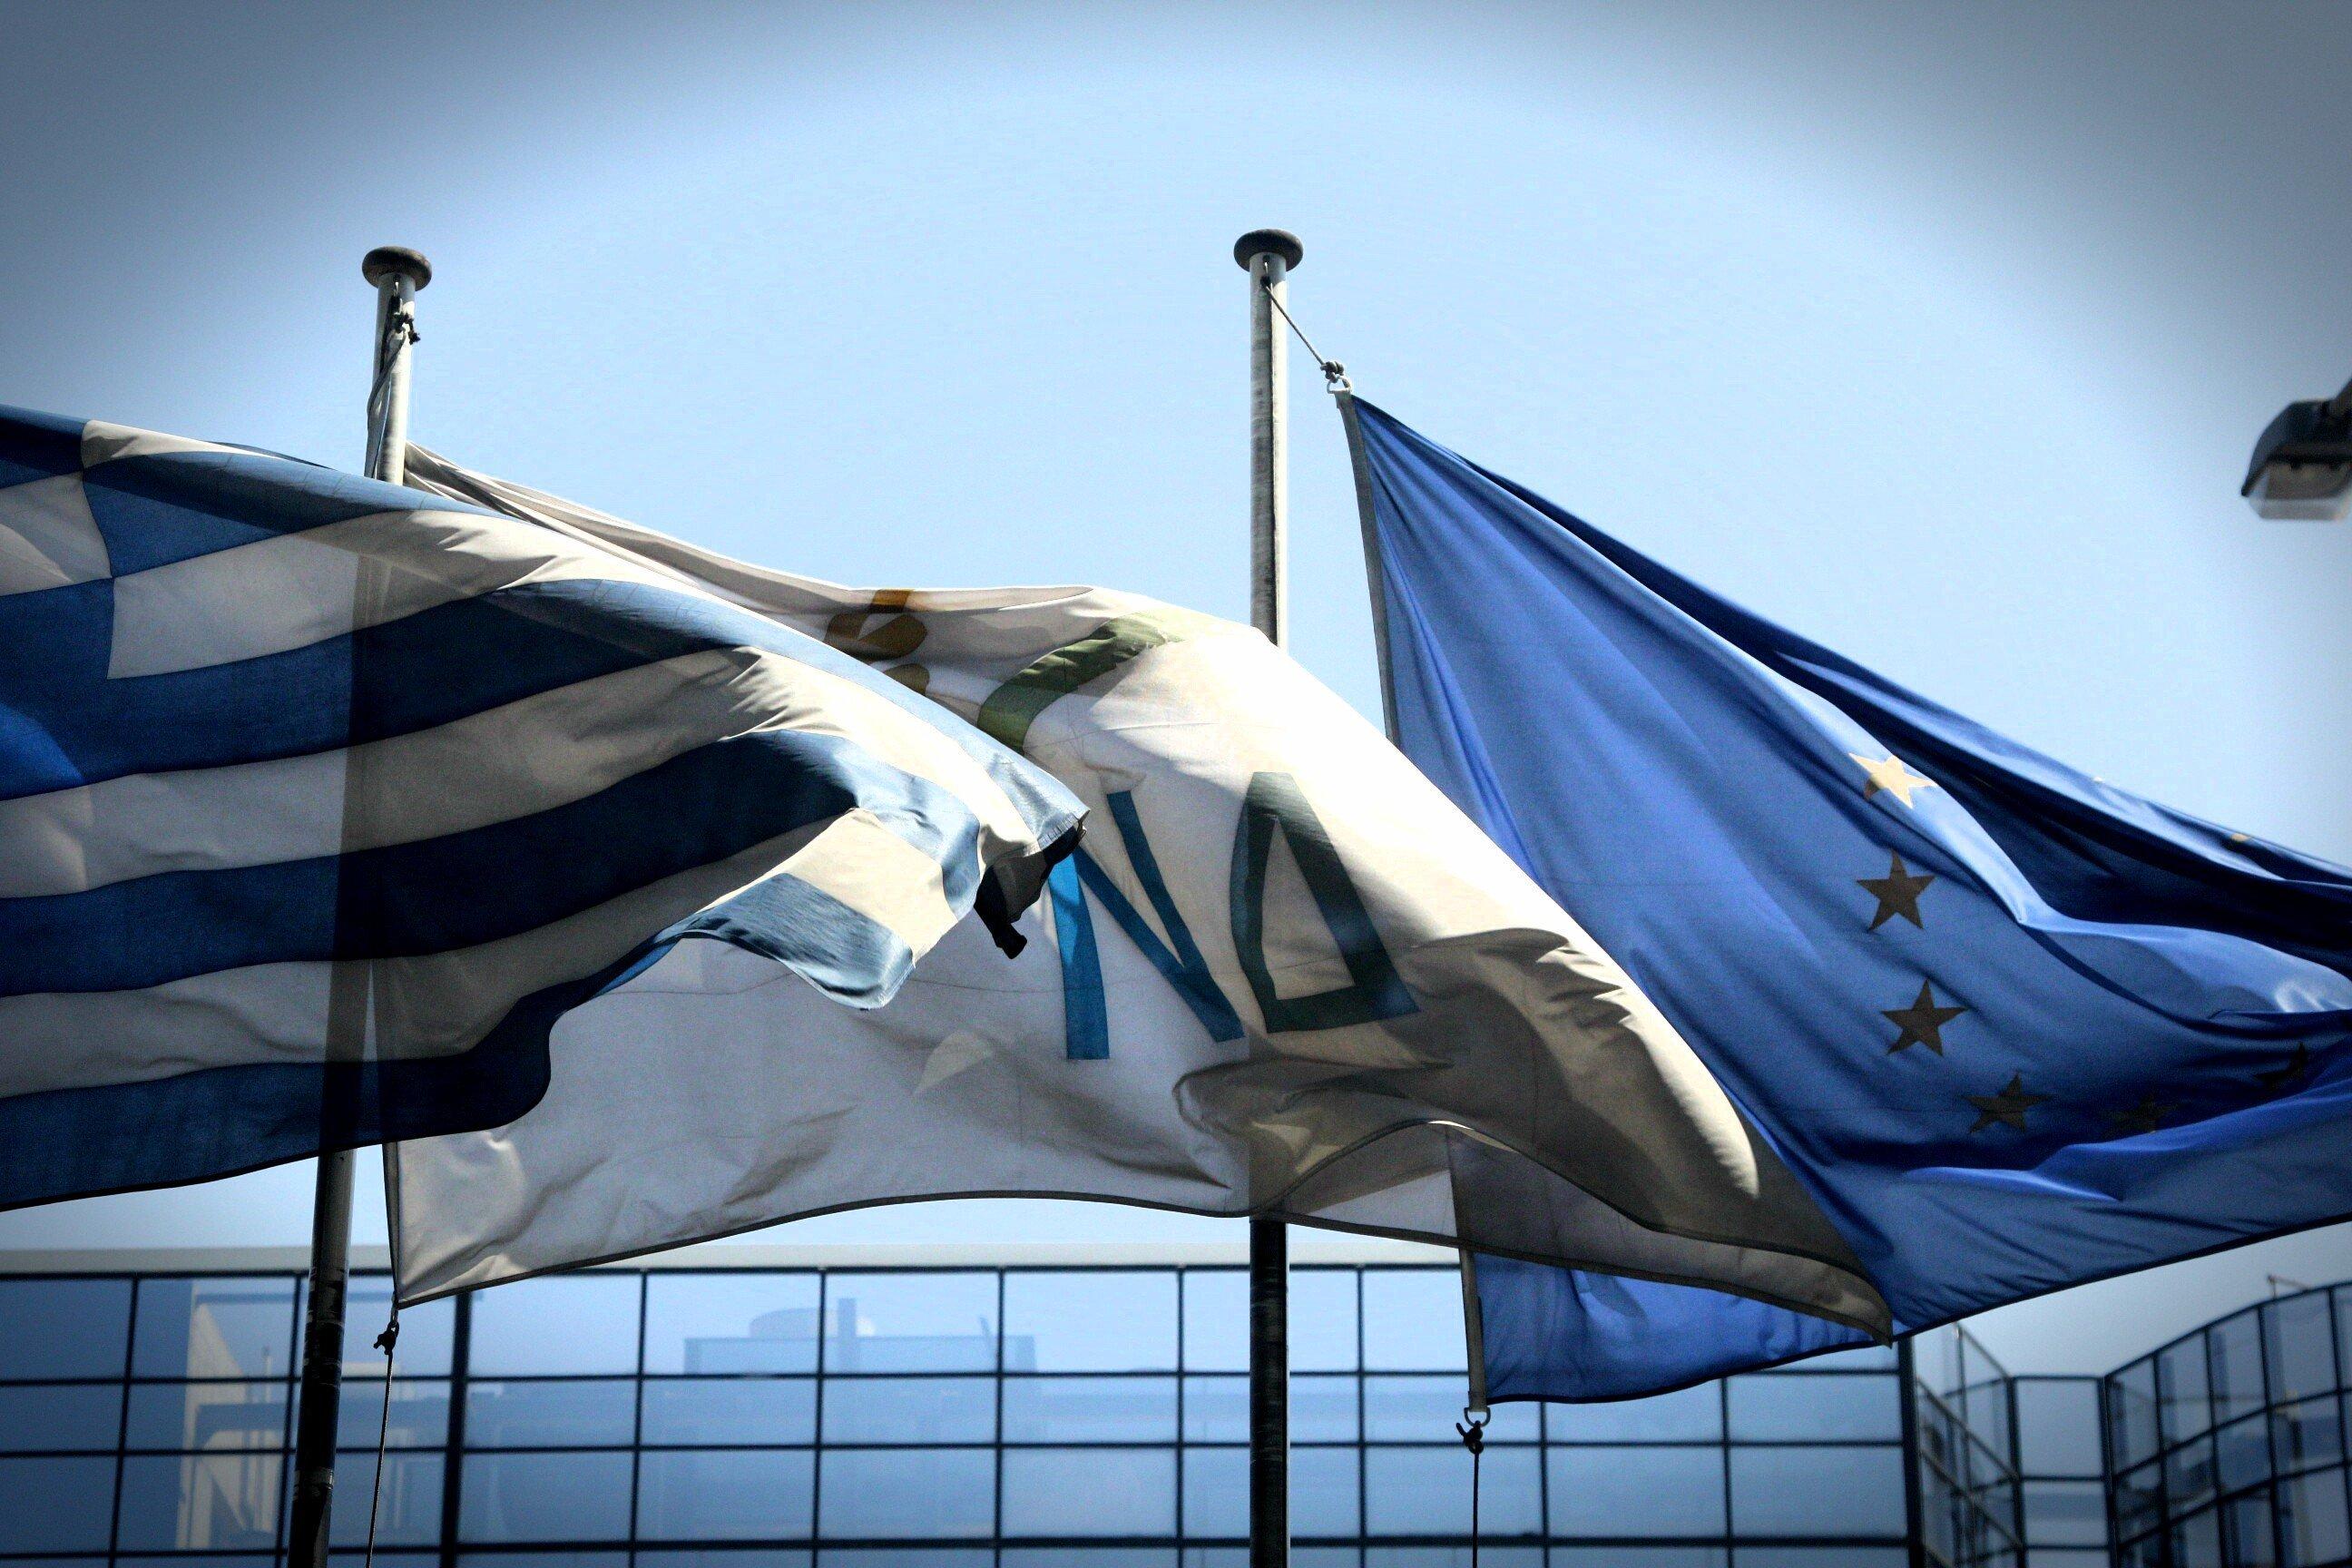 Η ΝΔ ζητάει ενημέρωση για τις σχέσεις Αθήνας - Μόσχας